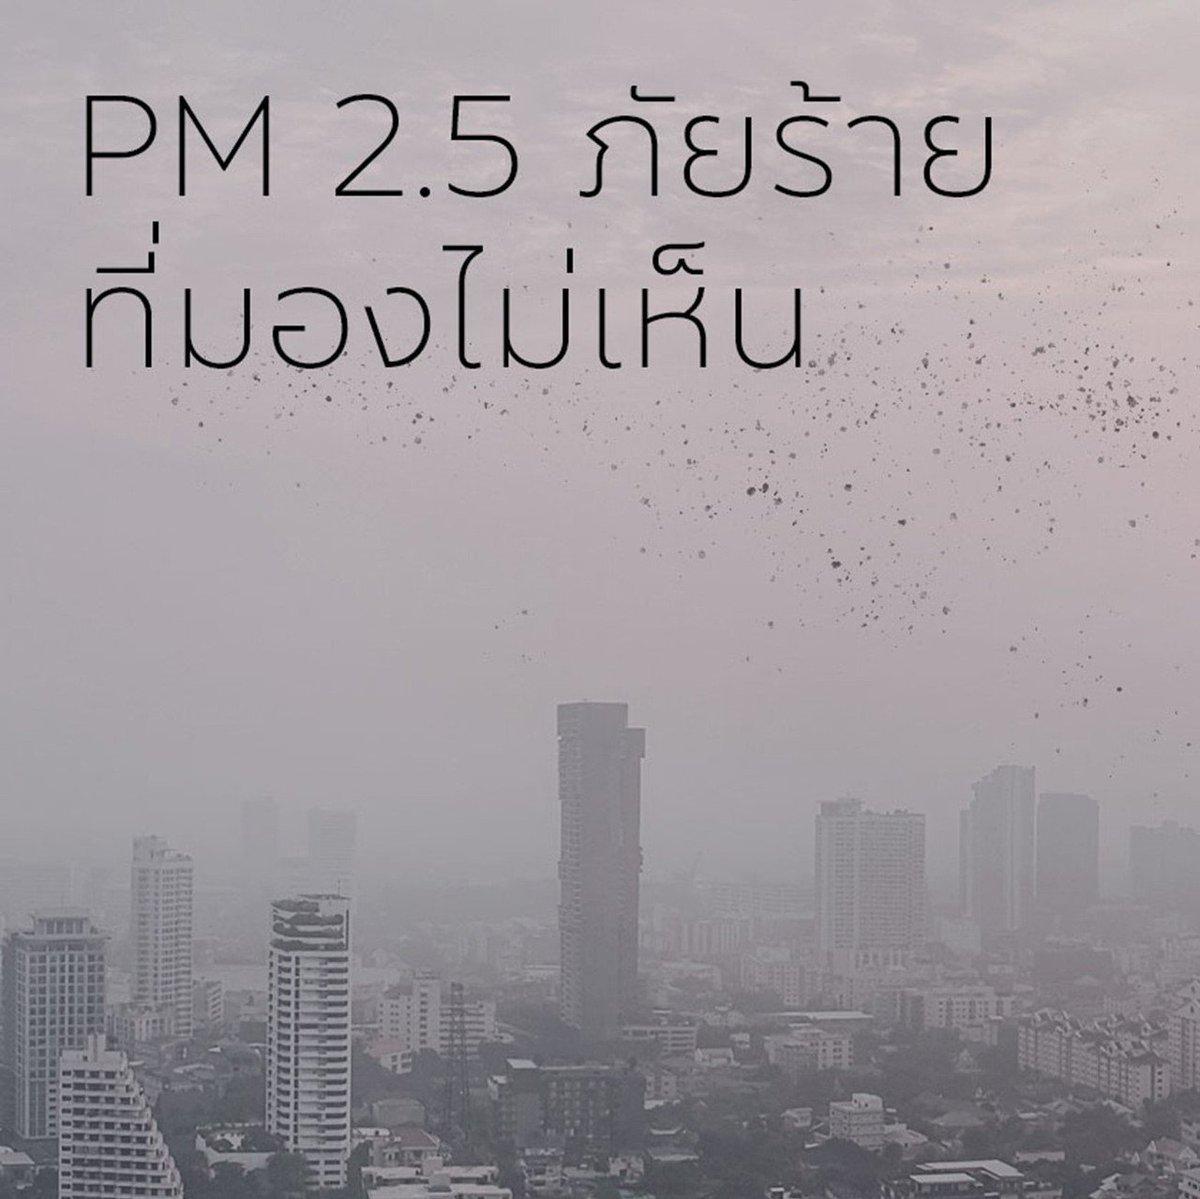 ฝุ่นละออง PM2.5 คืออะไร…แล้วเราควรรับมืออย่างไรกับภัยร้ายที่มองไม่เห็นนี้ พบคำตอบได้ที่นี่ http://wu.to/NrVmjl #aviance #MultiBerries #GlutaOrange #Sunscreen #Gluta #PM2.5 #InvisibleThreats #HealthyImmunity